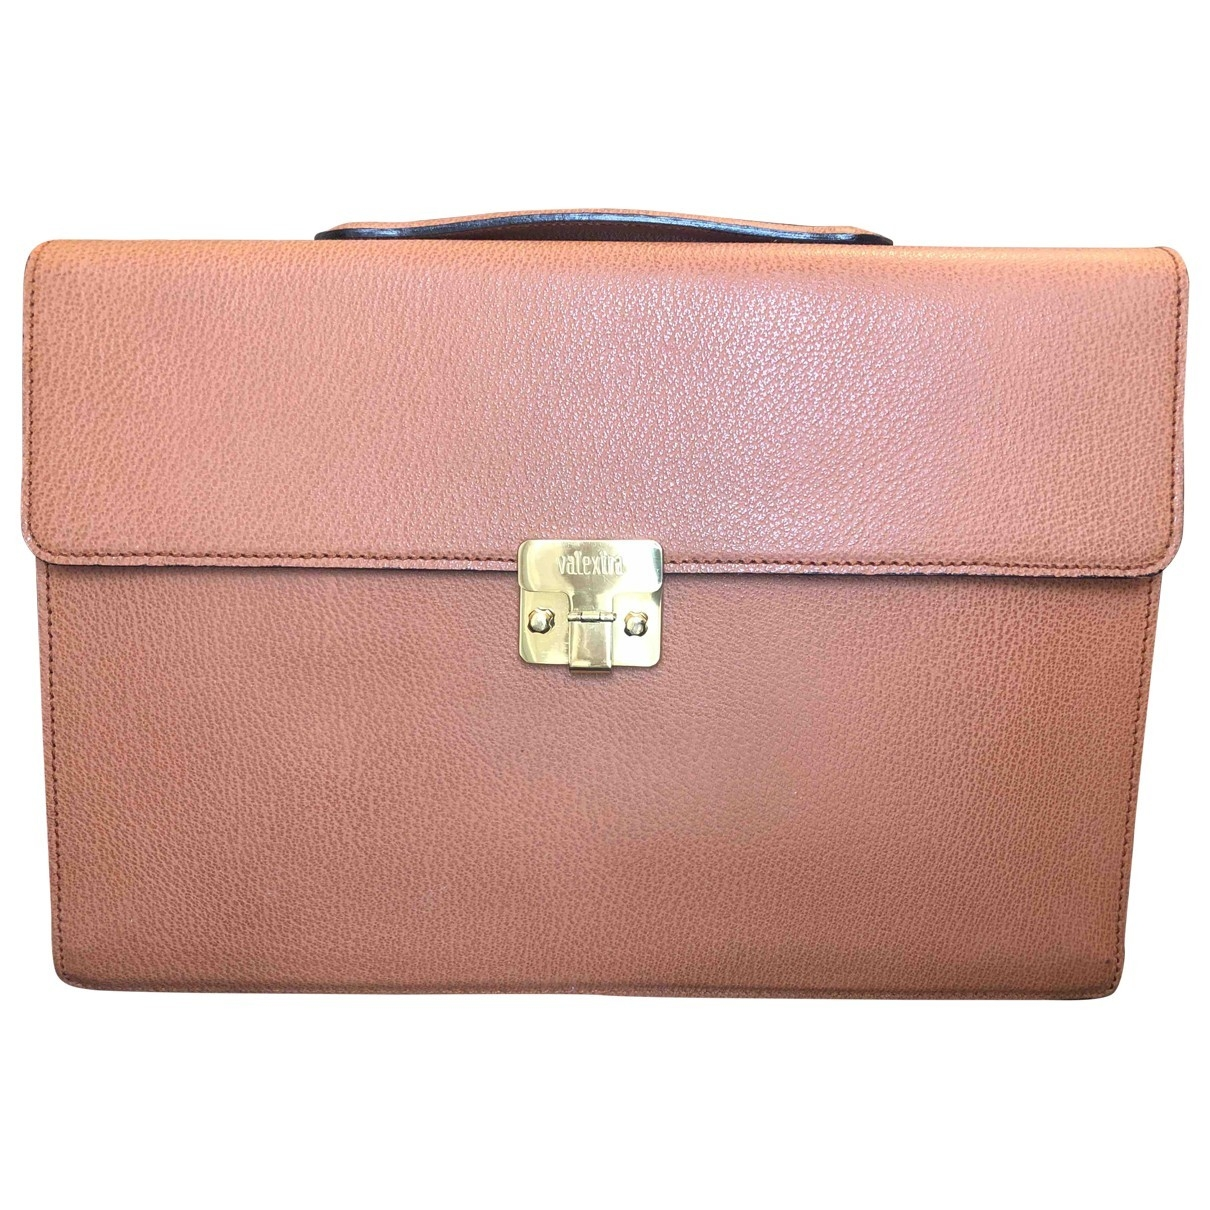 Valextra \N Handtasche in  Kamel Leder